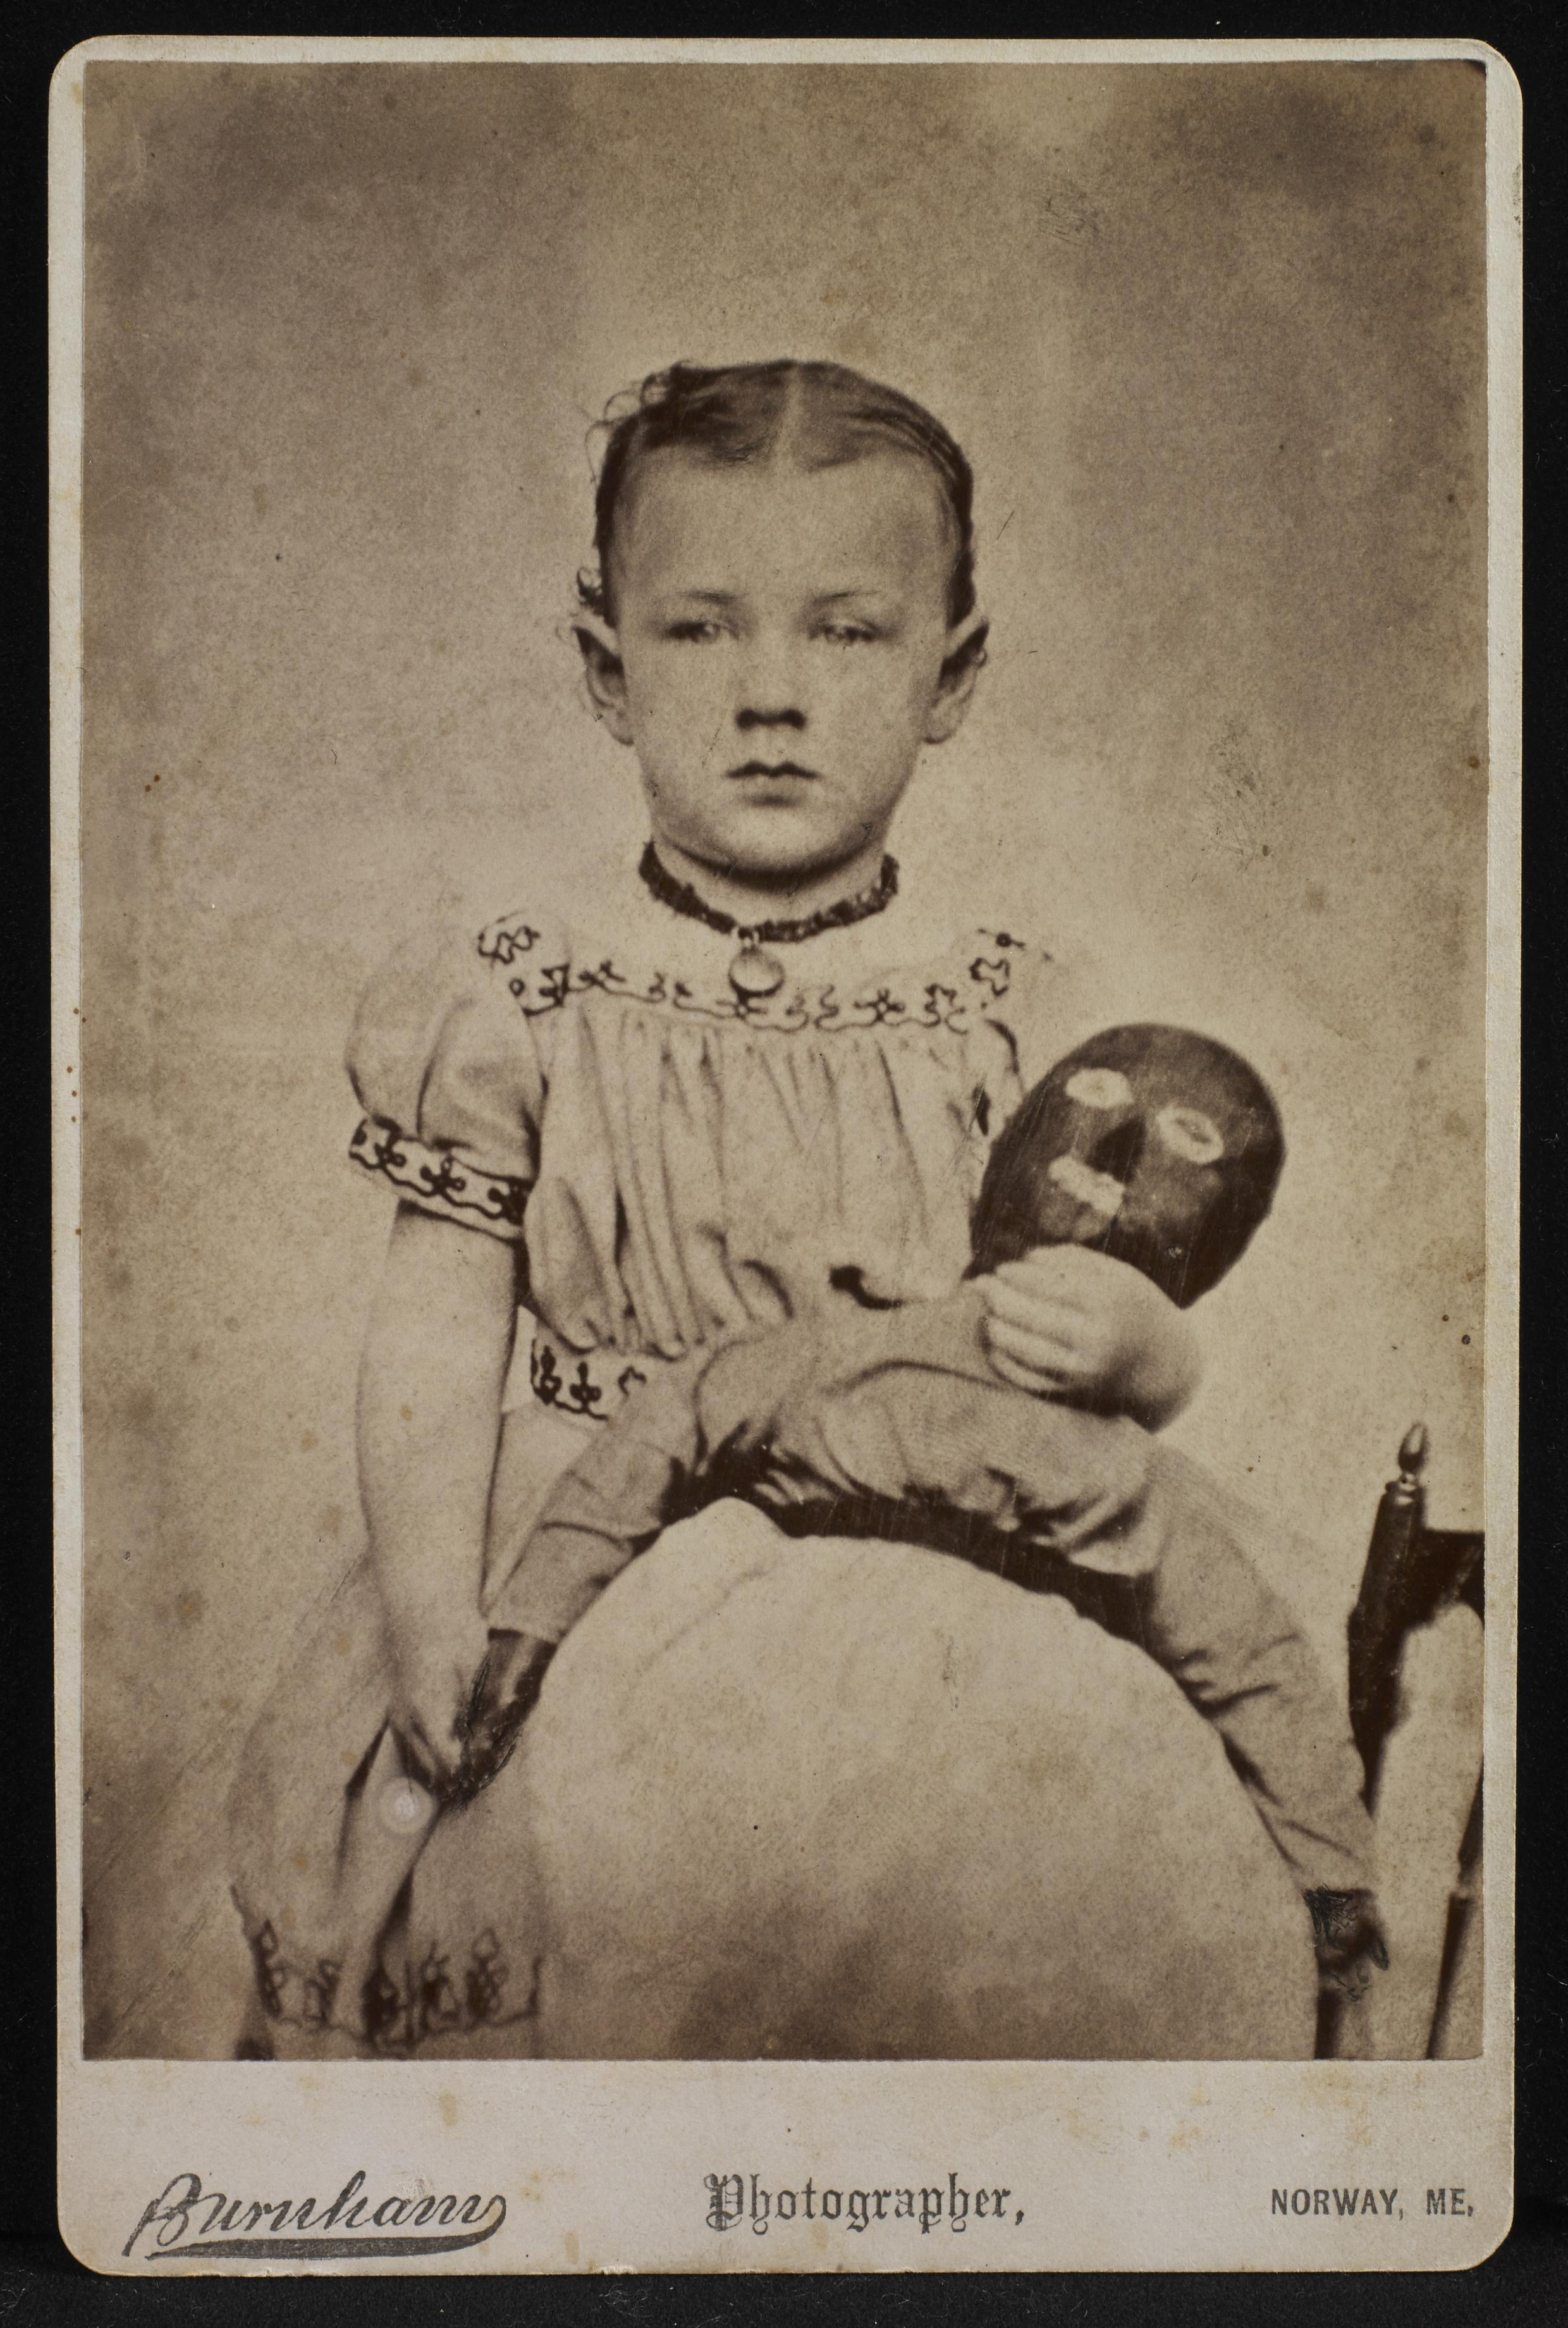 Foto anônima, feita no estúdio Burnham, de Norway, estado de Maine, por volta de 1870-1885.